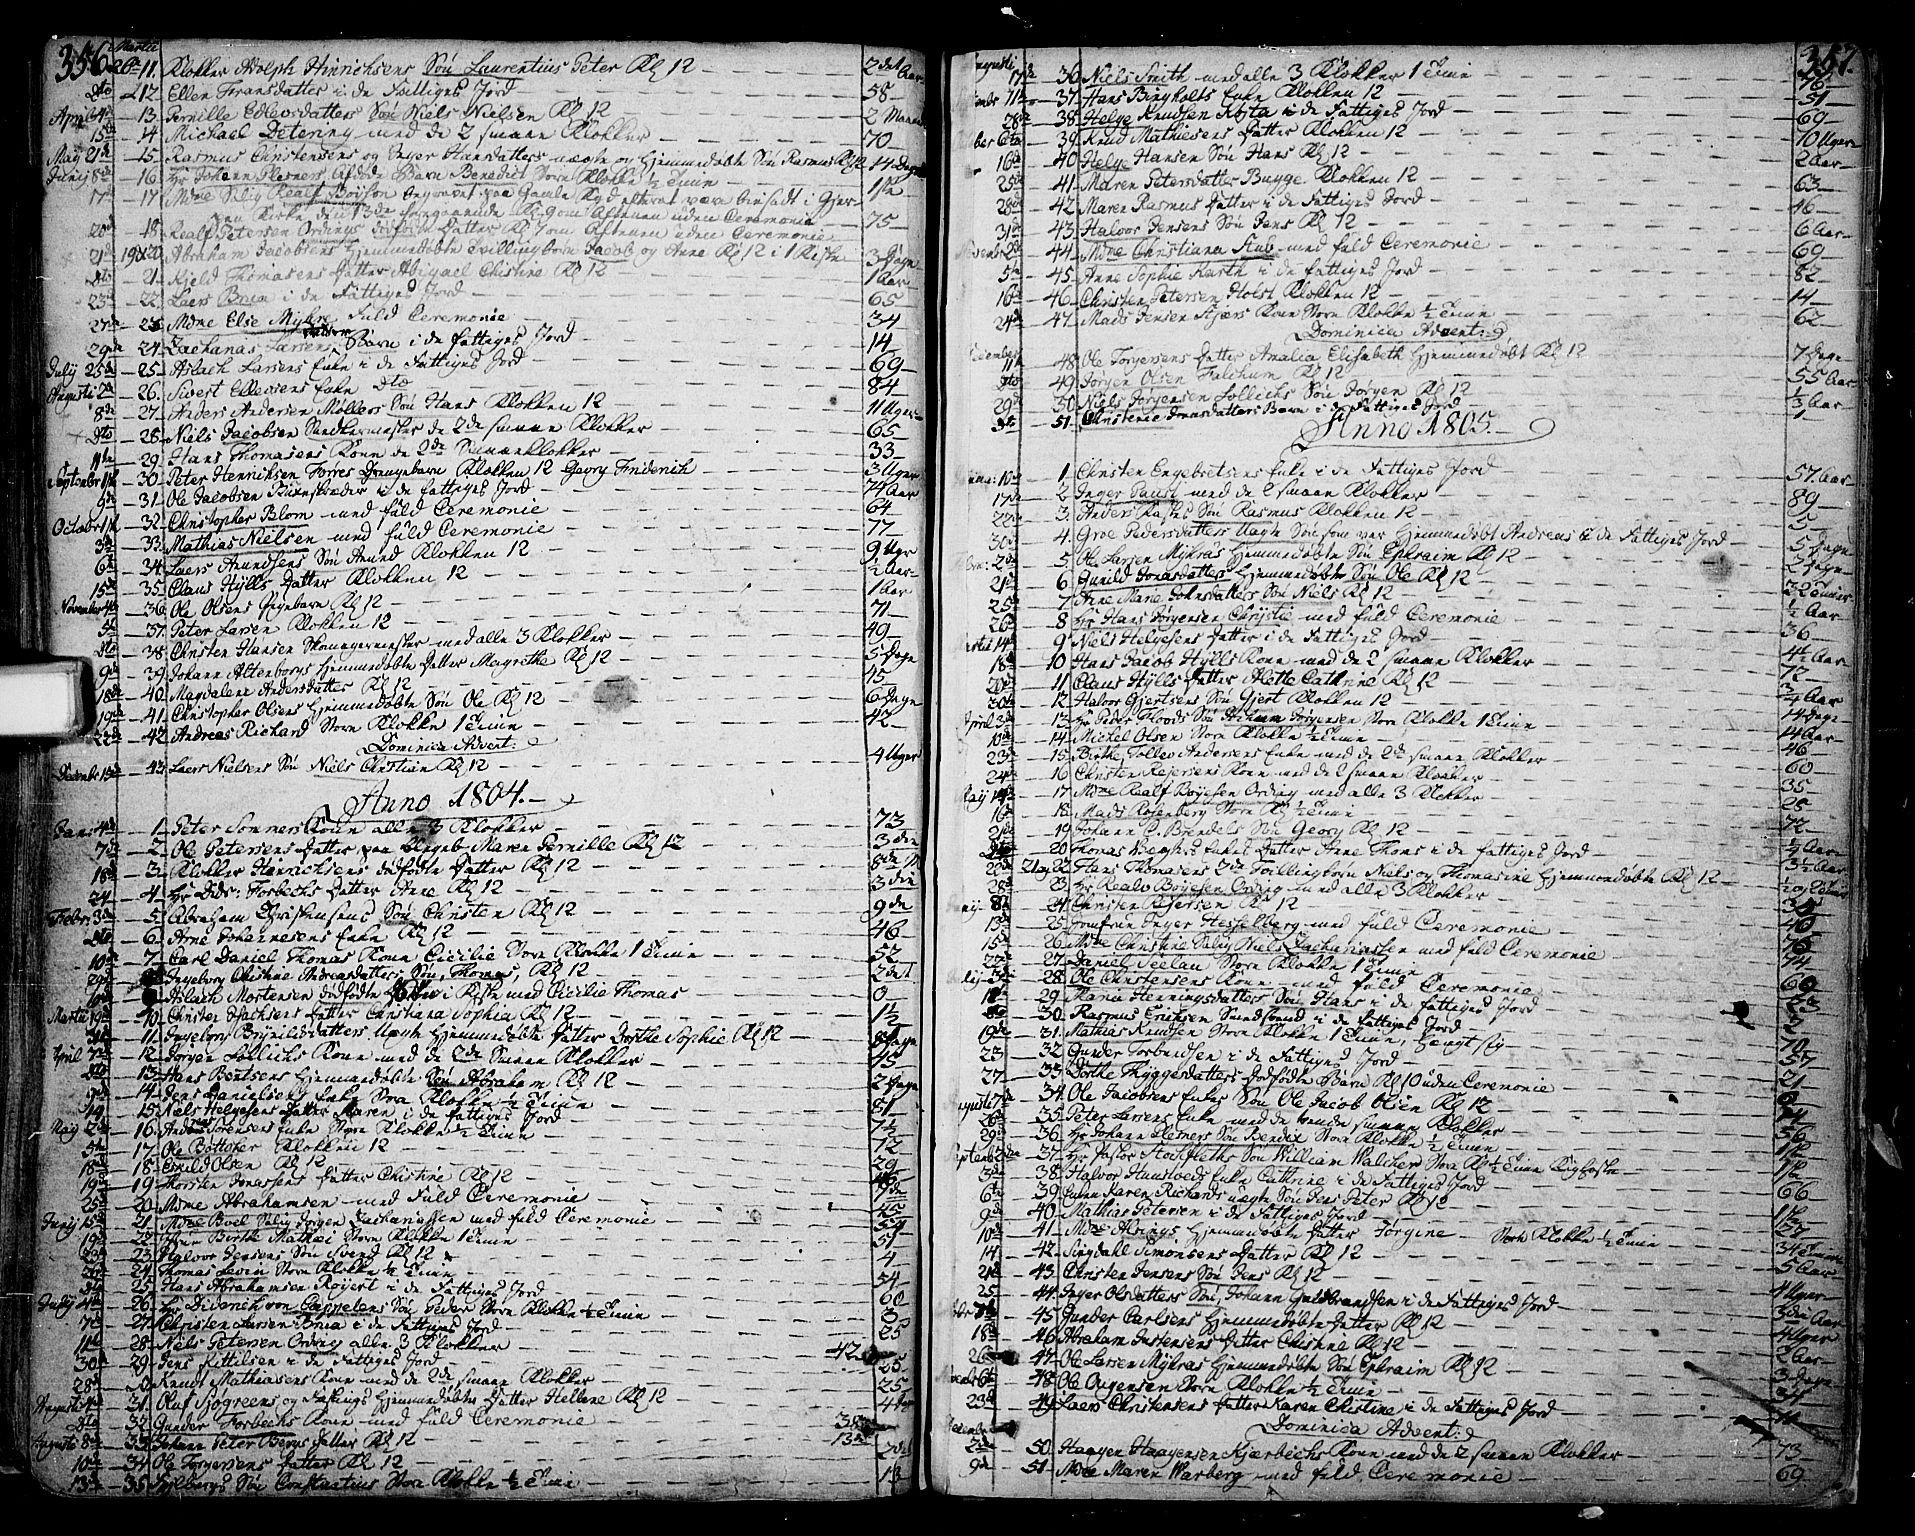 SAKO, Skien kirkebøker, F/Fa/L0004: Ministerialbok nr. 4, 1792-1814, s. 356-357